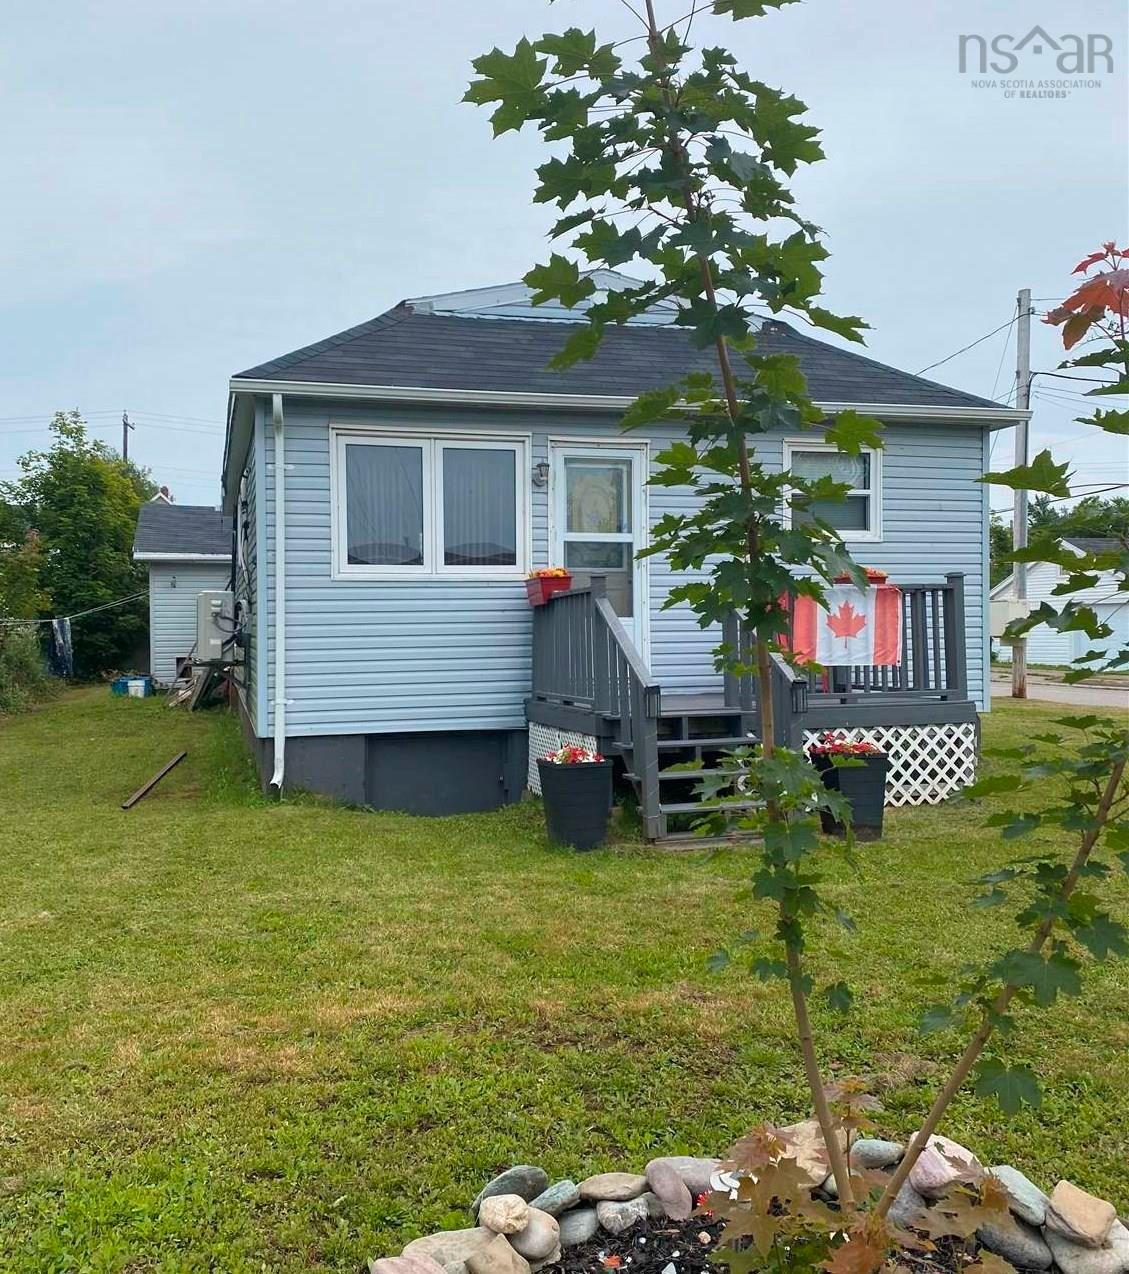 Main Photo: 70 Borden Street in Sydney: 201-Sydney Residential for sale (Cape Breton)  : MLS®# 202121190